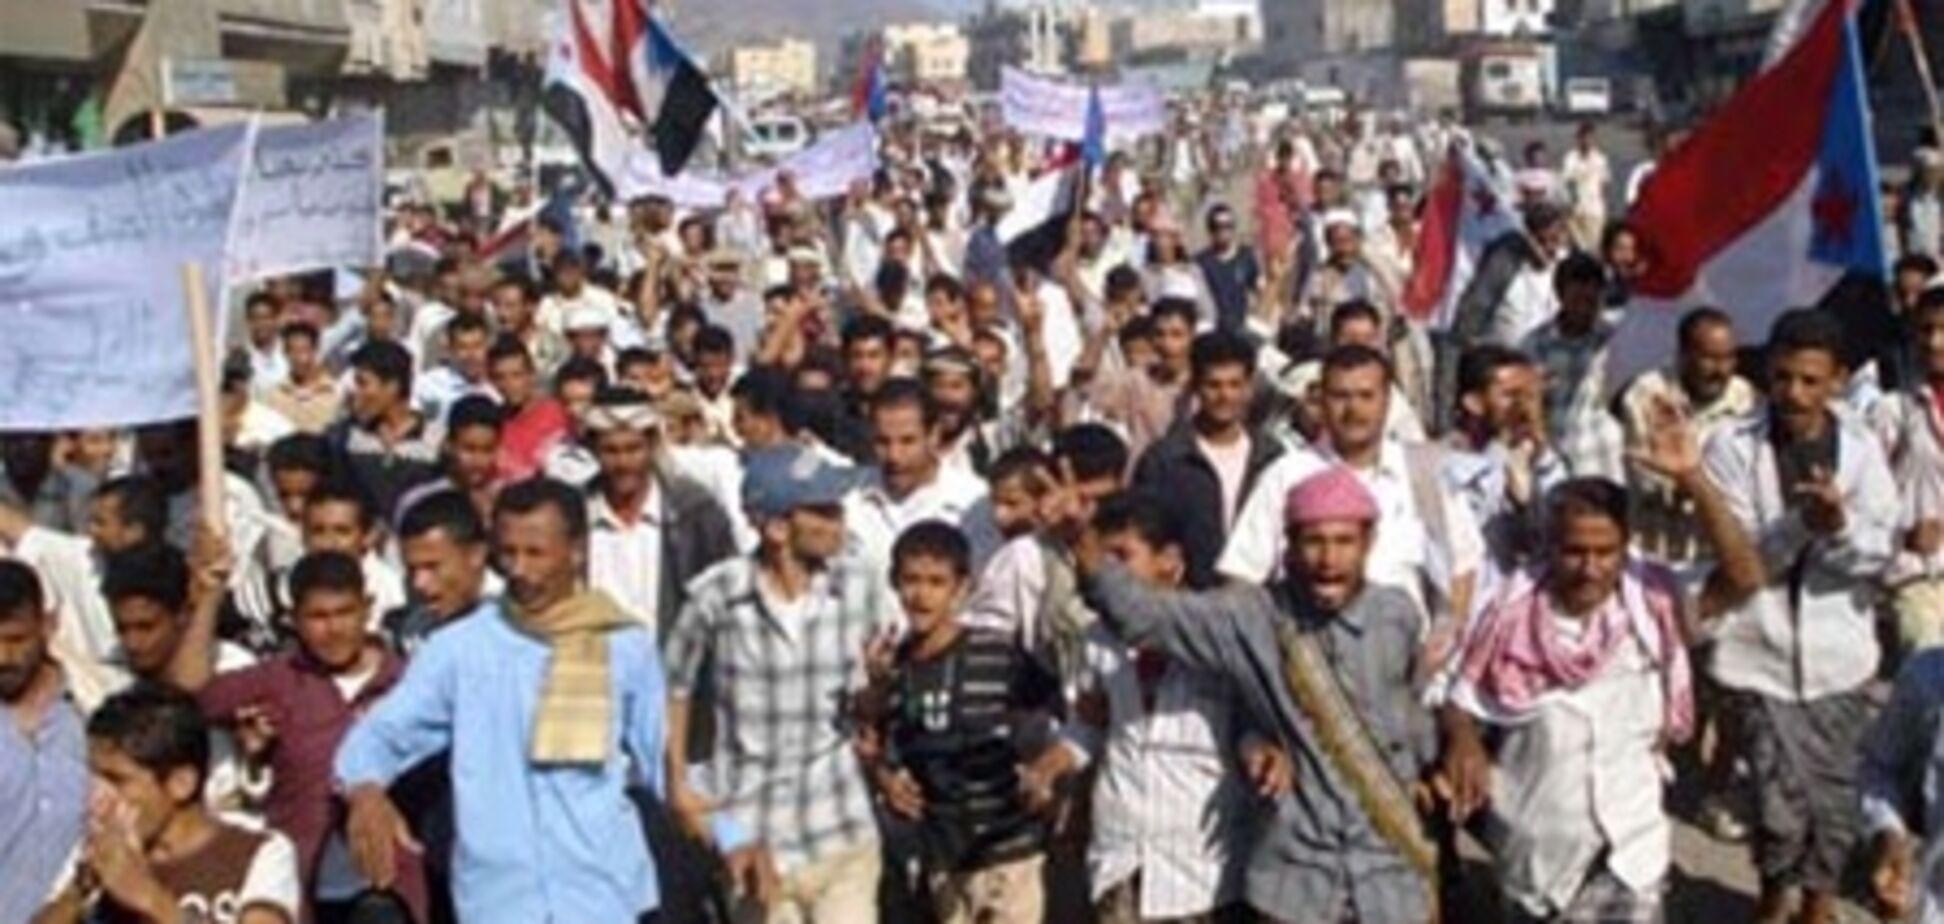 У Ємені десятки тисяч людей вимагають відставки Салеха